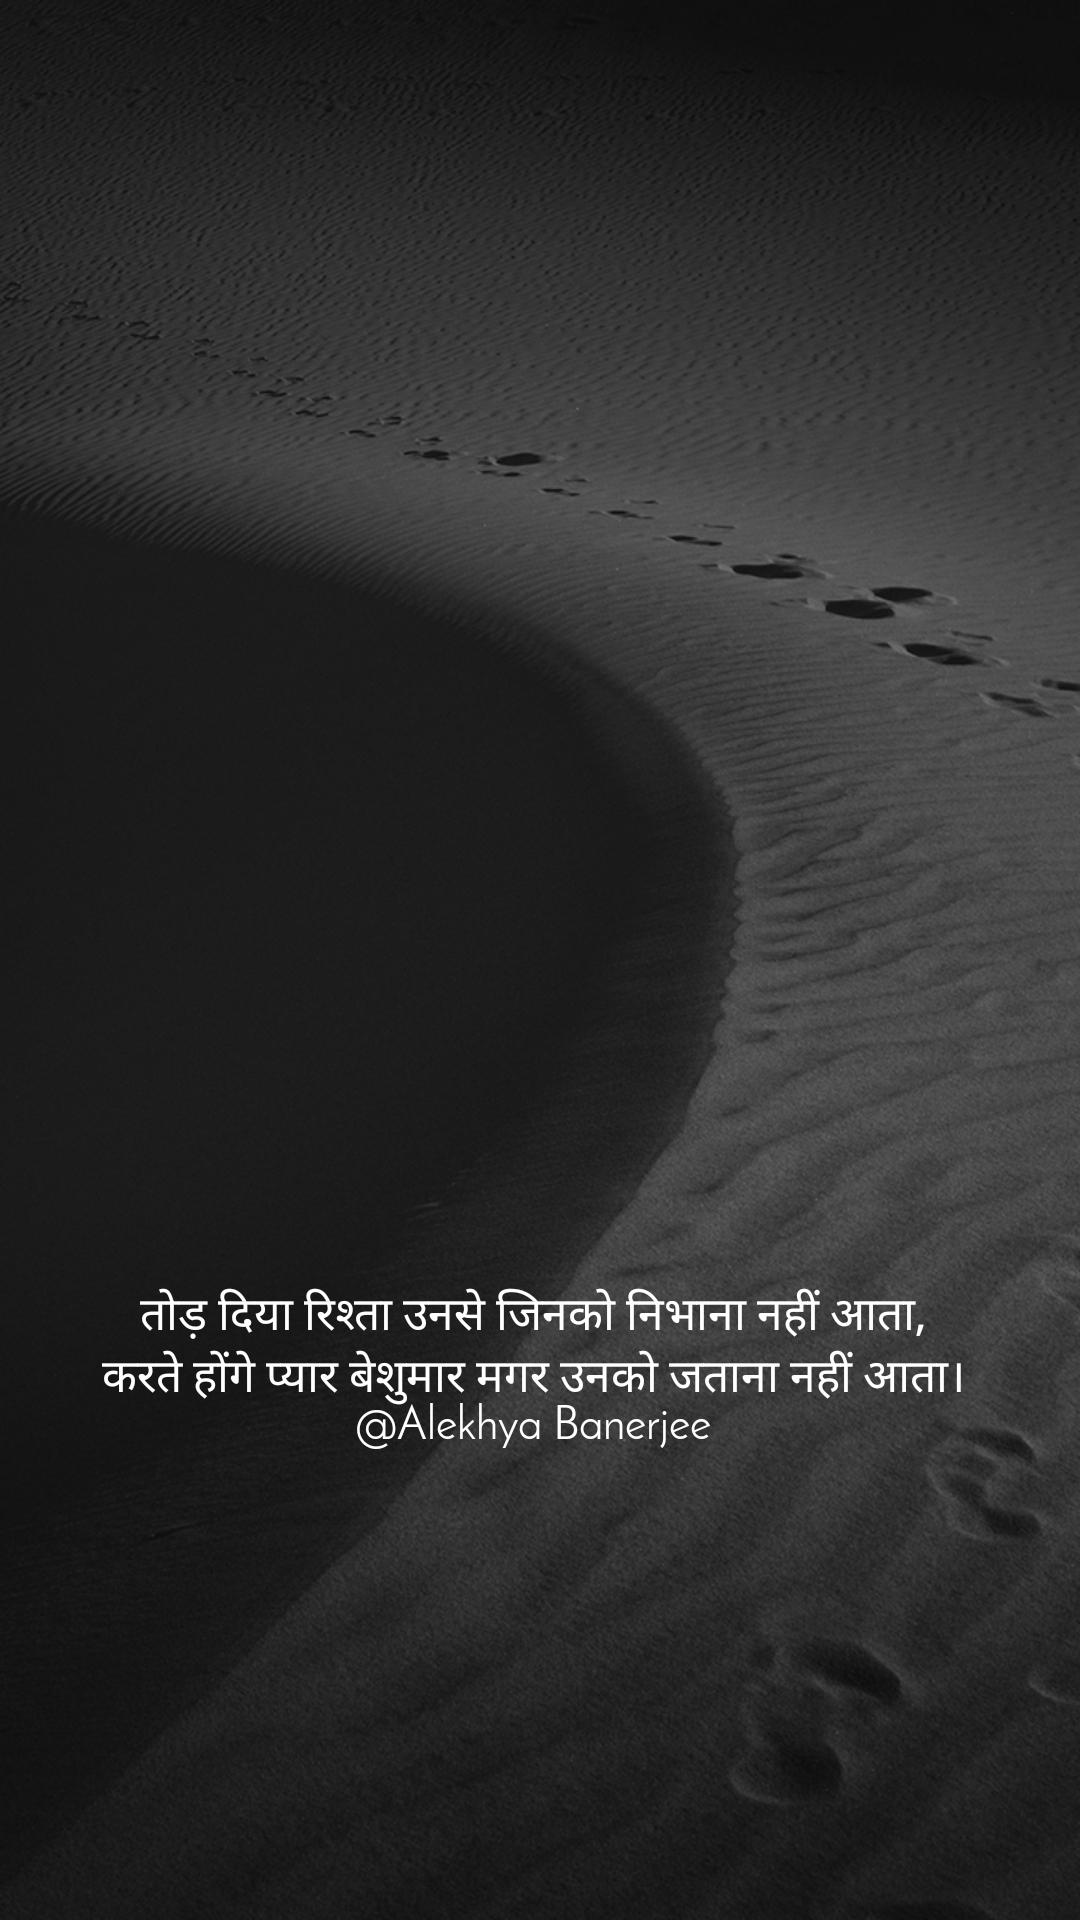 तोड़ दिया रिश्ता उनसे जिनको निभाना नहीं आता, करते होंगे प्यार बेशुमार मगर उनको जताना नहीं आता। @Alekhya Banerjee